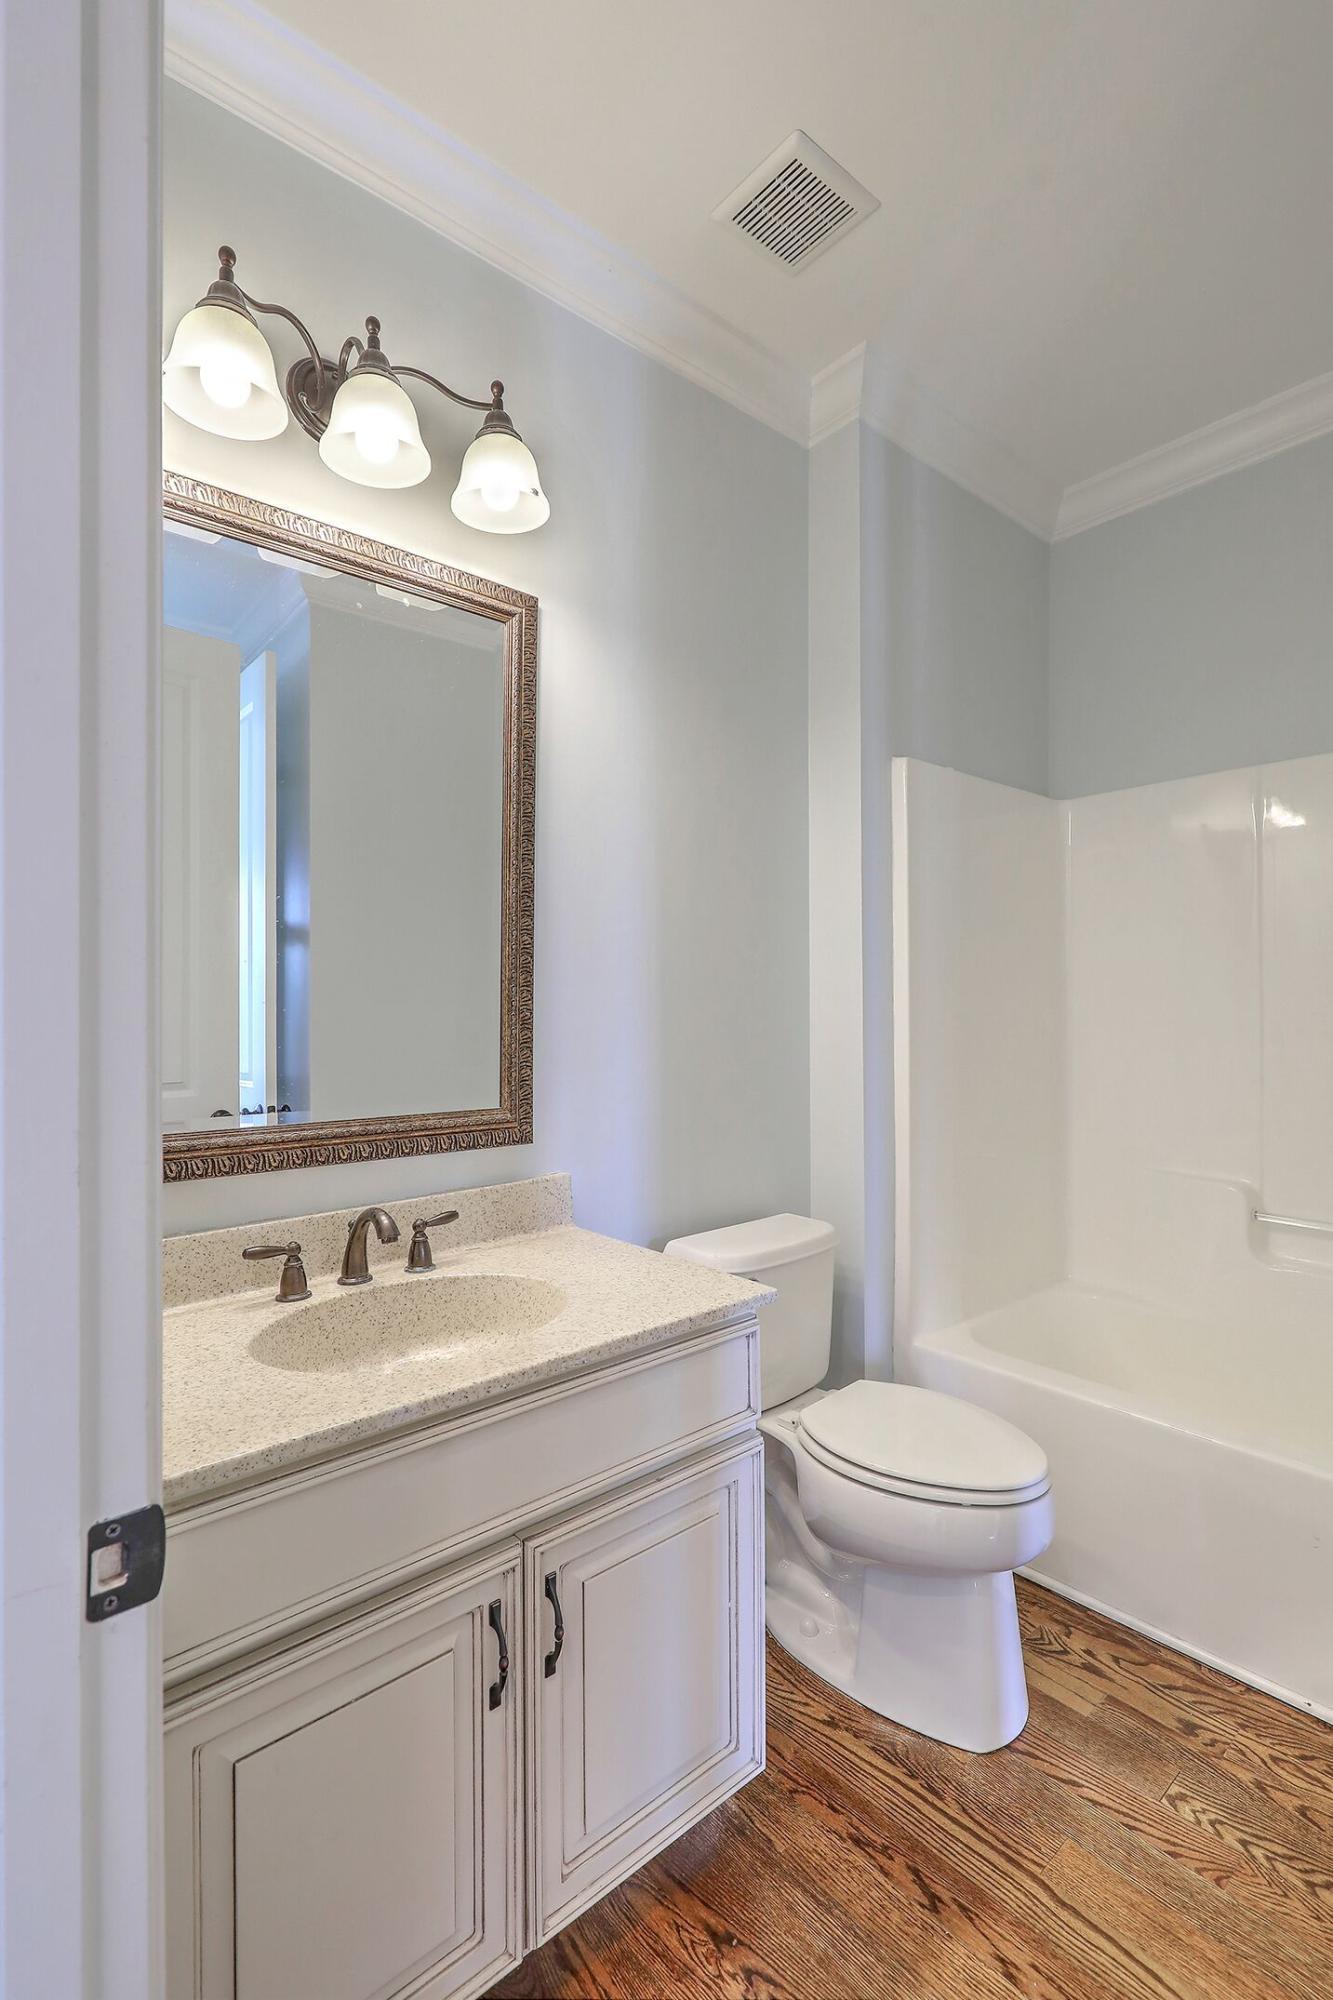 Dunes West Homes For Sale - 2970 Sturbridge, Mount Pleasant, SC - 43